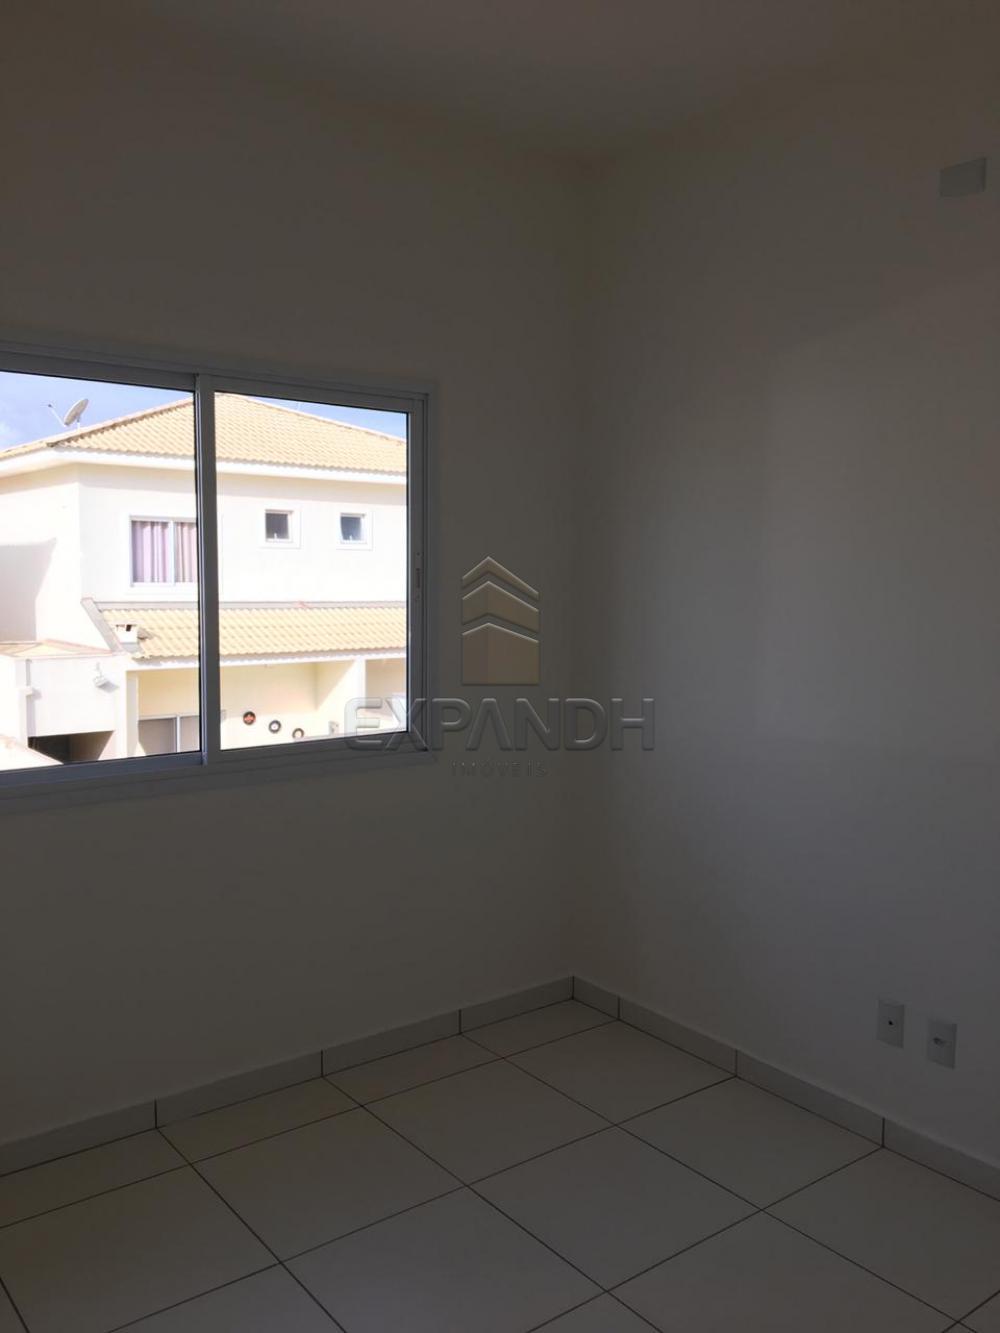 Alugar Casas / Condomínio em Sertãozinho R$ 1.200,00 - Foto 28